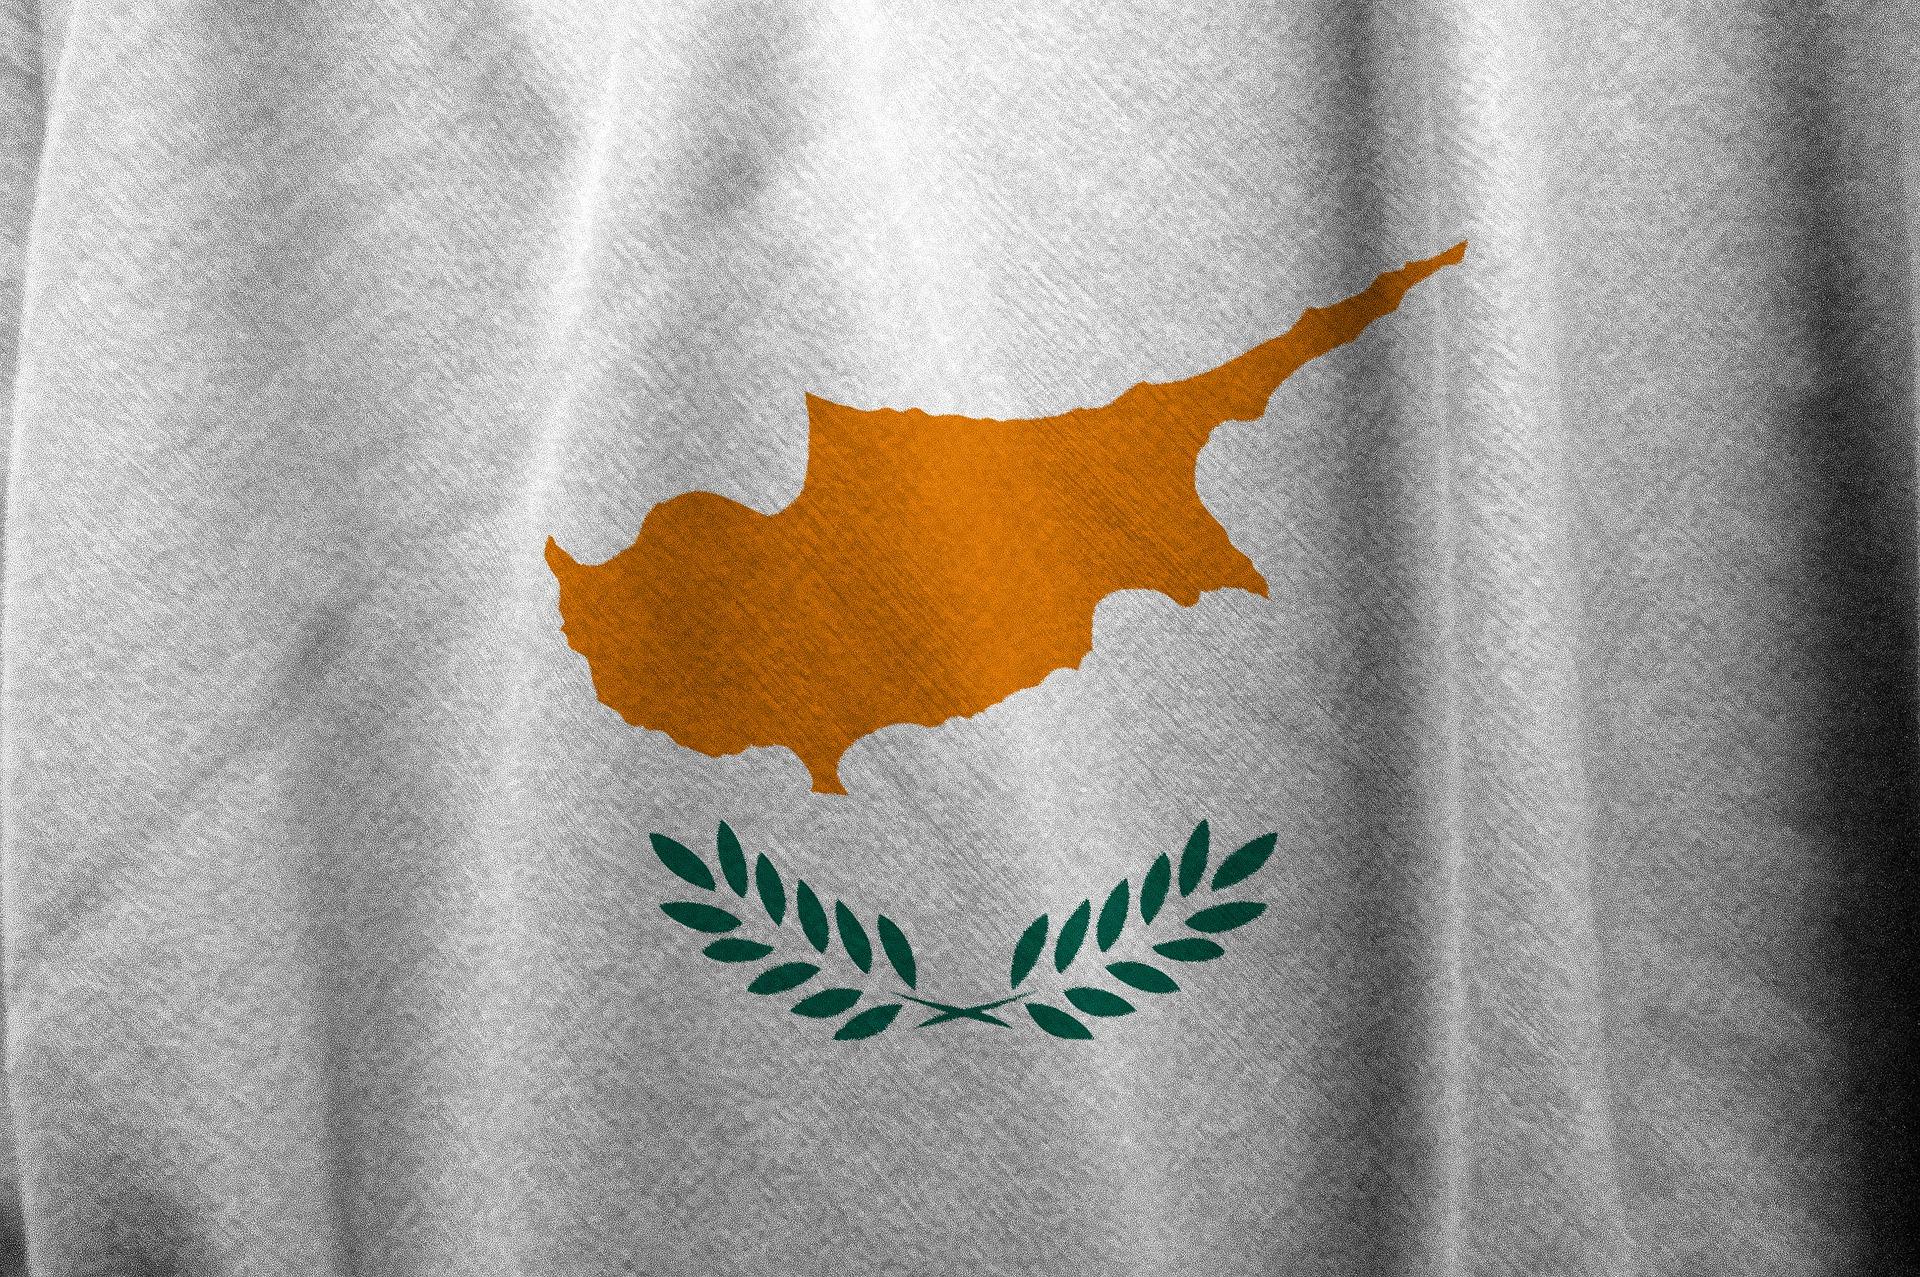 Кипр больше не дает свои паспорта иностранцам в обмен на инвестиции